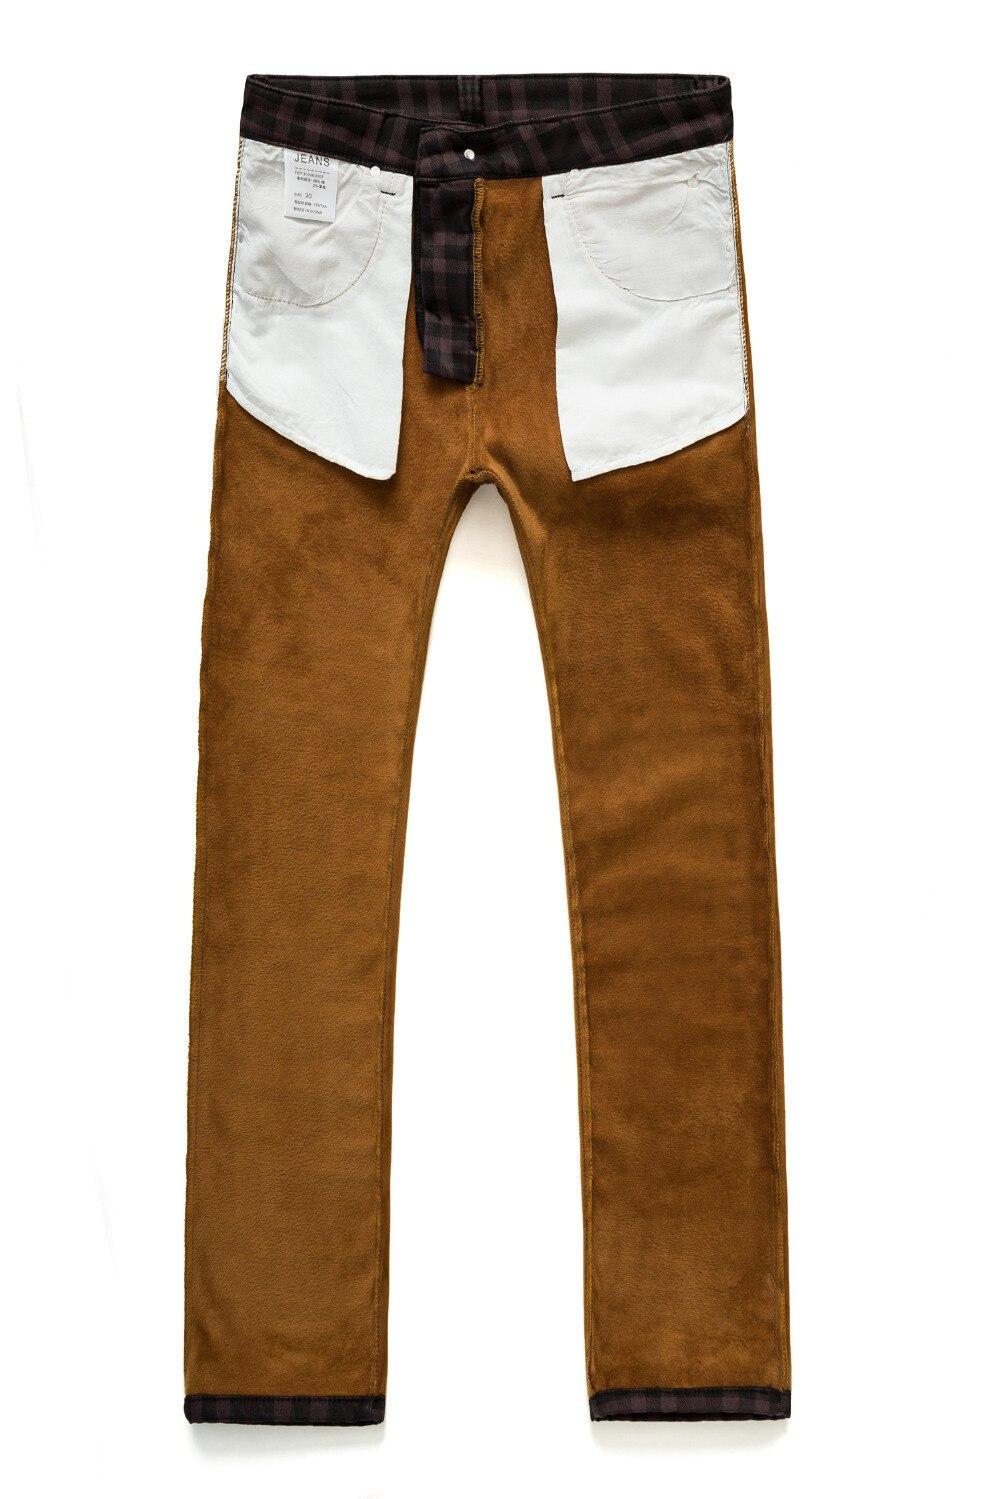 Pantalones Vino E Plaid Los Casual Rectos Engrosamiento Invierno Terciopelo Hombres Slim Elásticos Ropa Otoño Hombre De Rojo Más Elástico La xYq8vYd4w